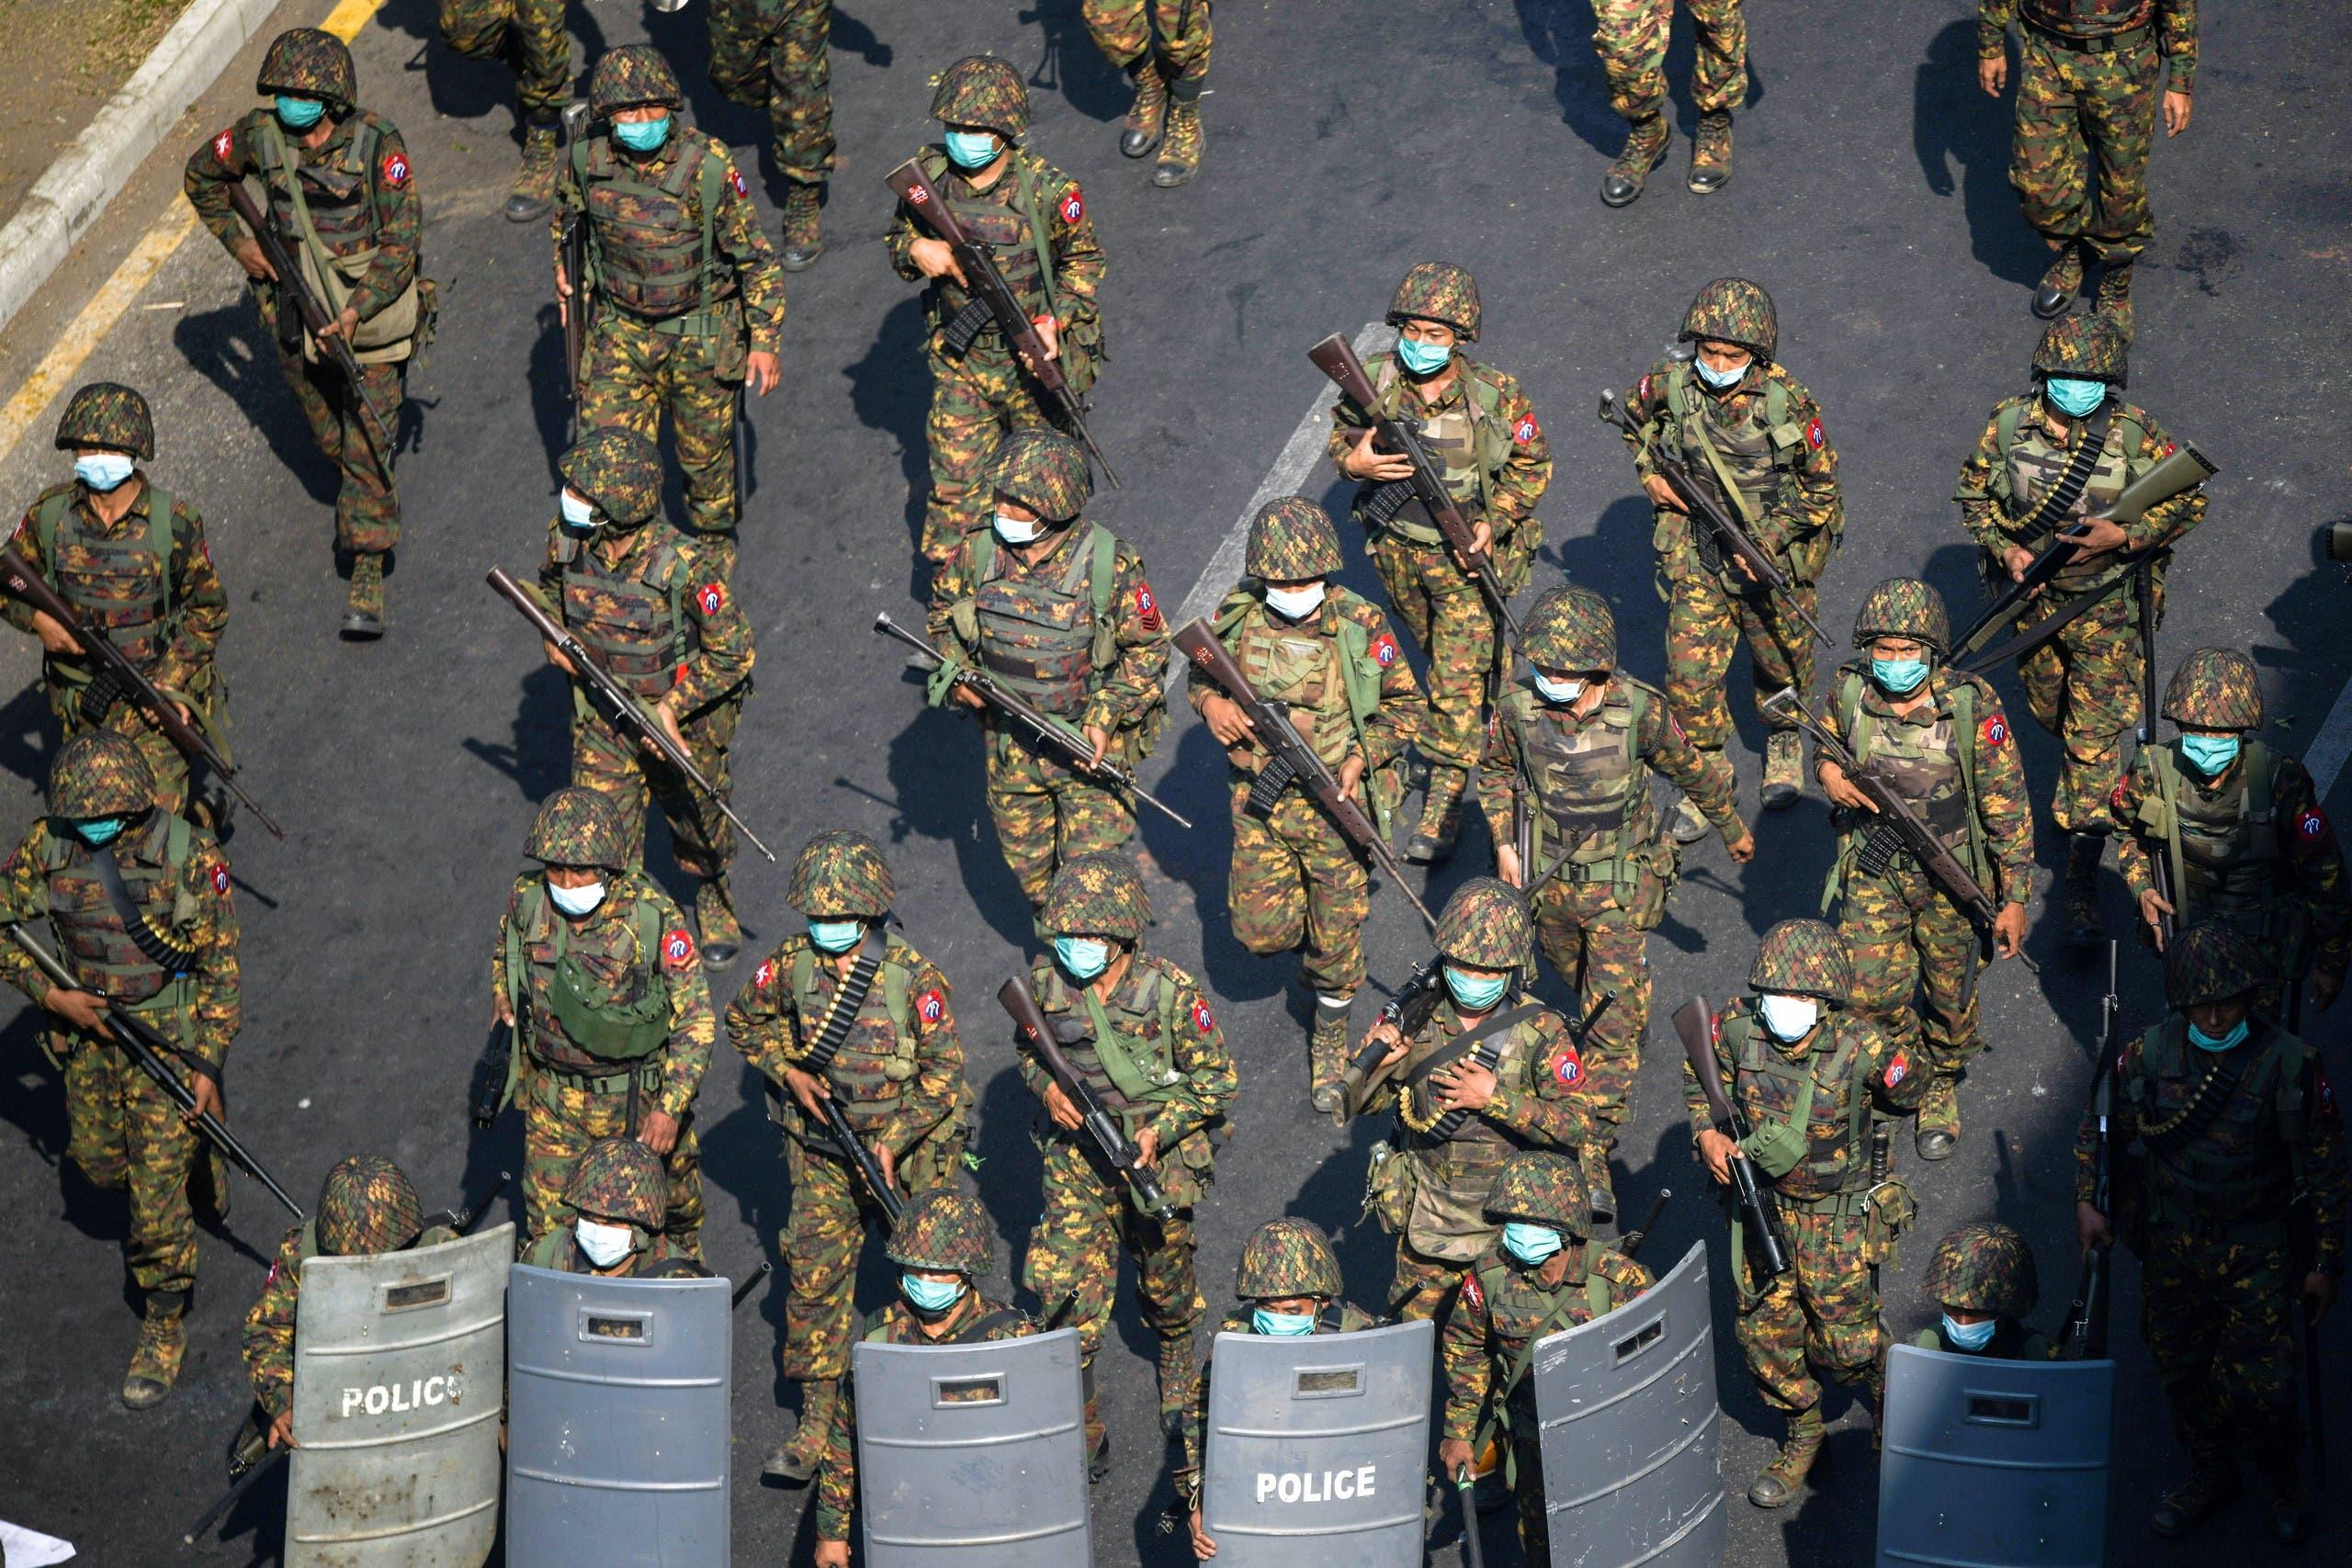 عسكريون يجوبون شوارع يانغون في فبراير الماضي